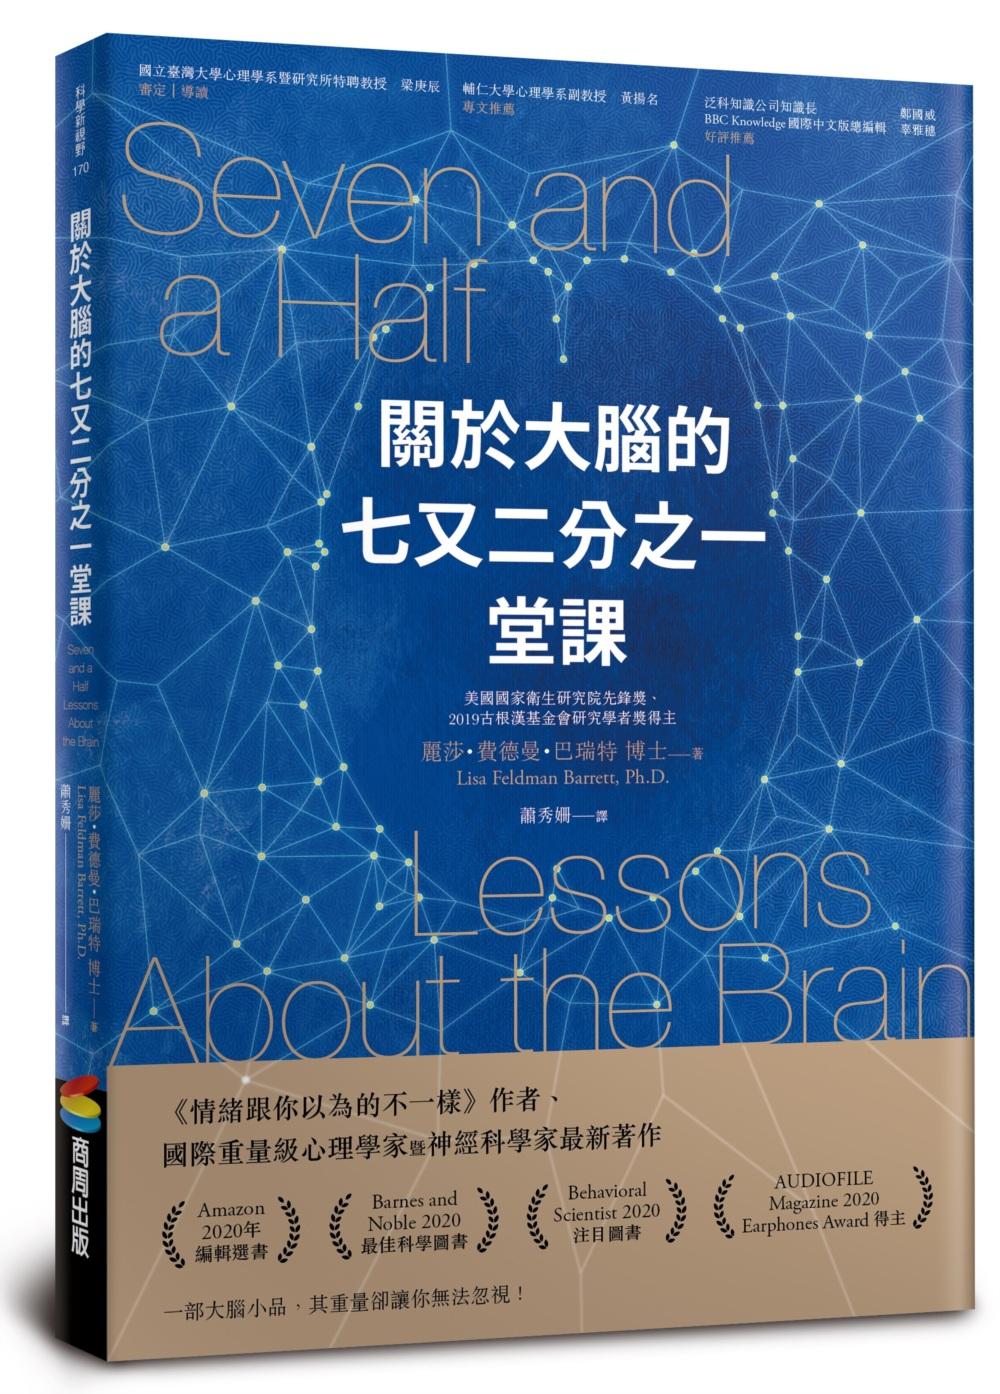 關於大腦的七又二分之一堂課